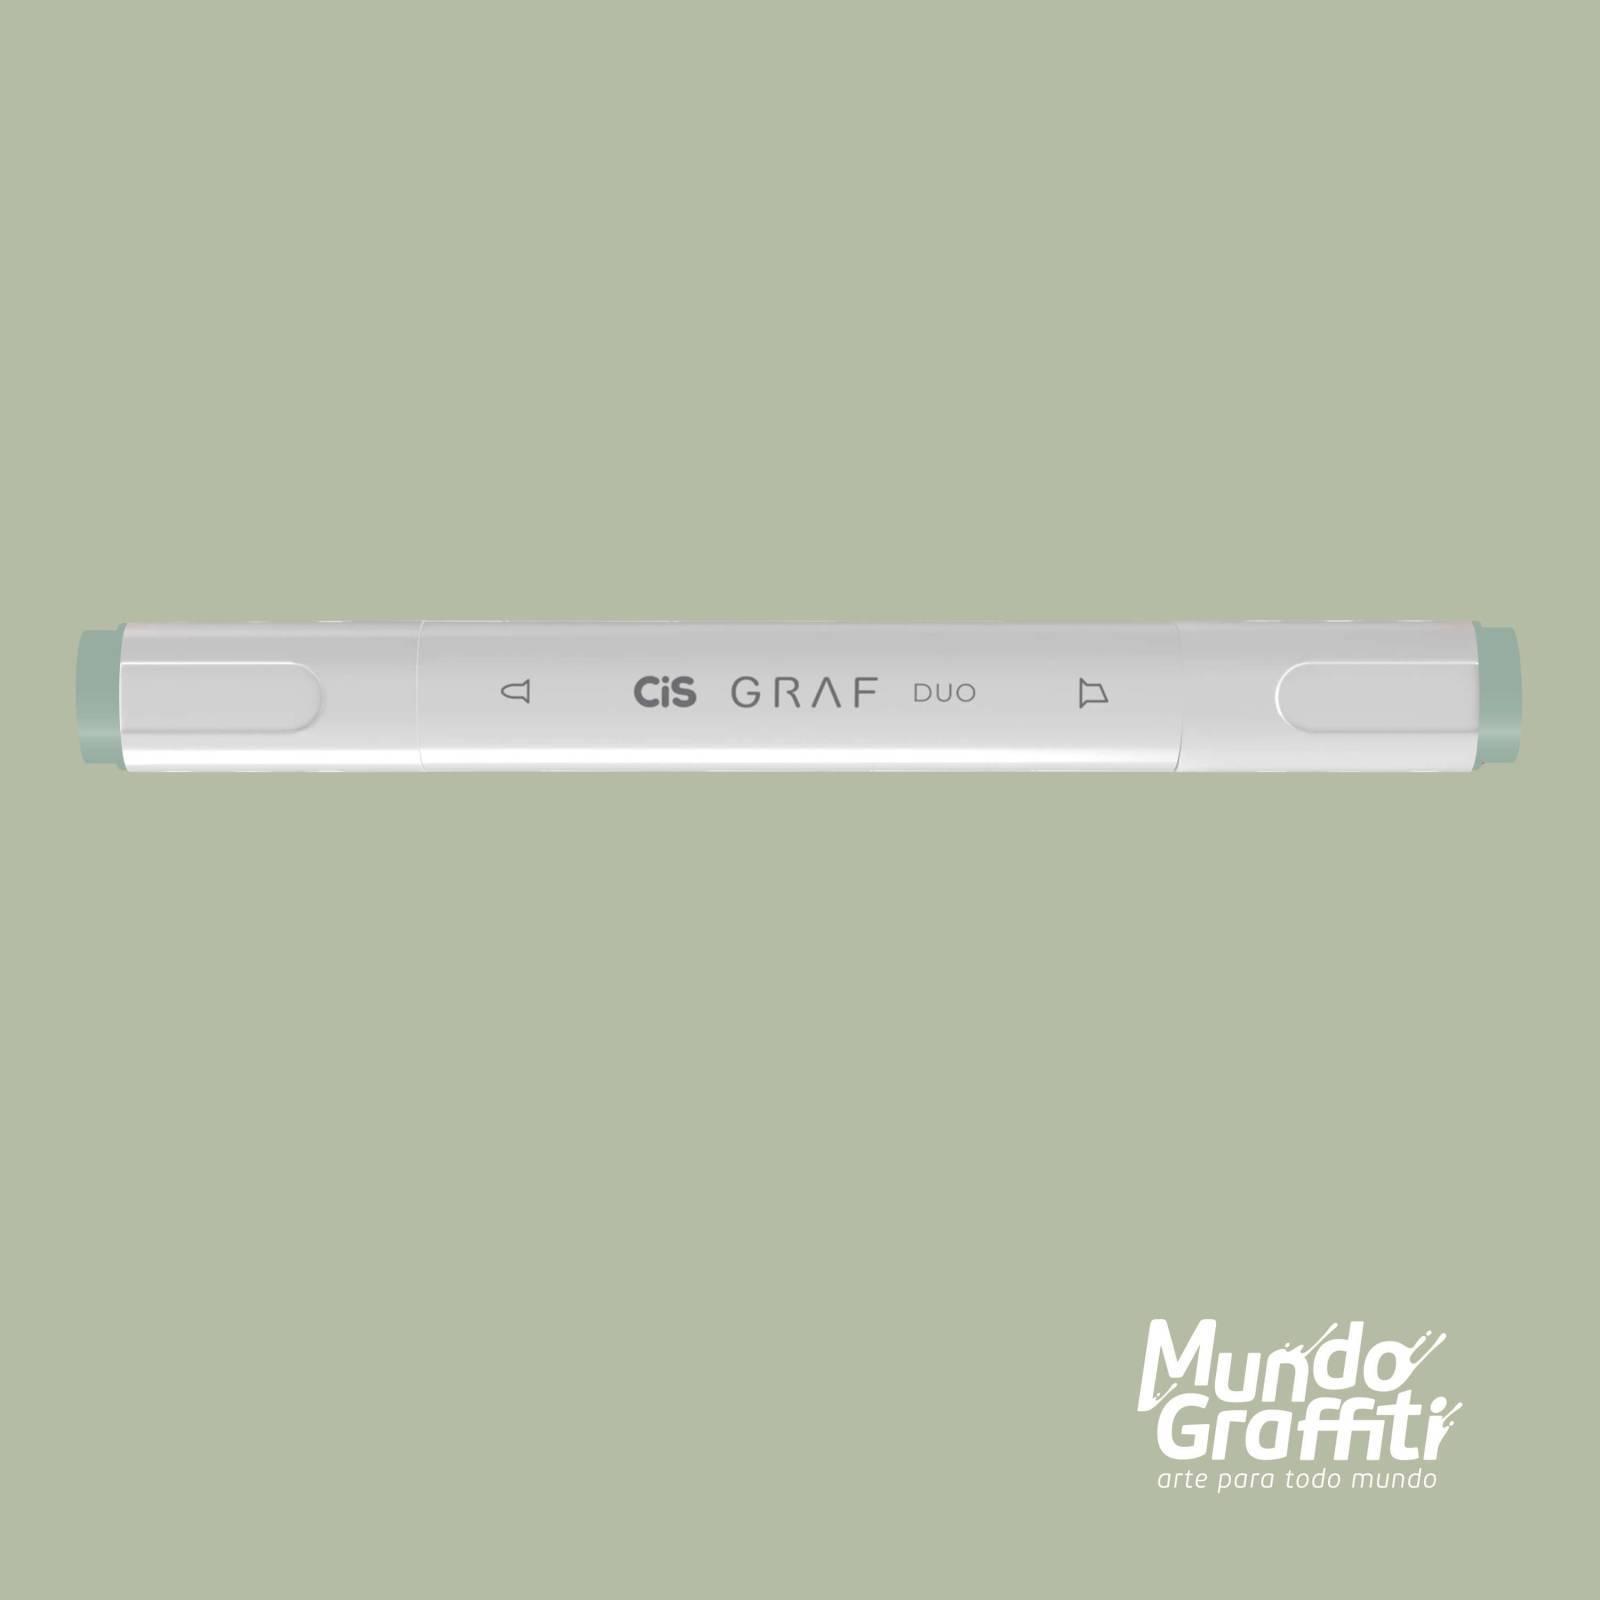 Marcador Cis Graf Duo Green Grey GG1 - Mundo Graffiti